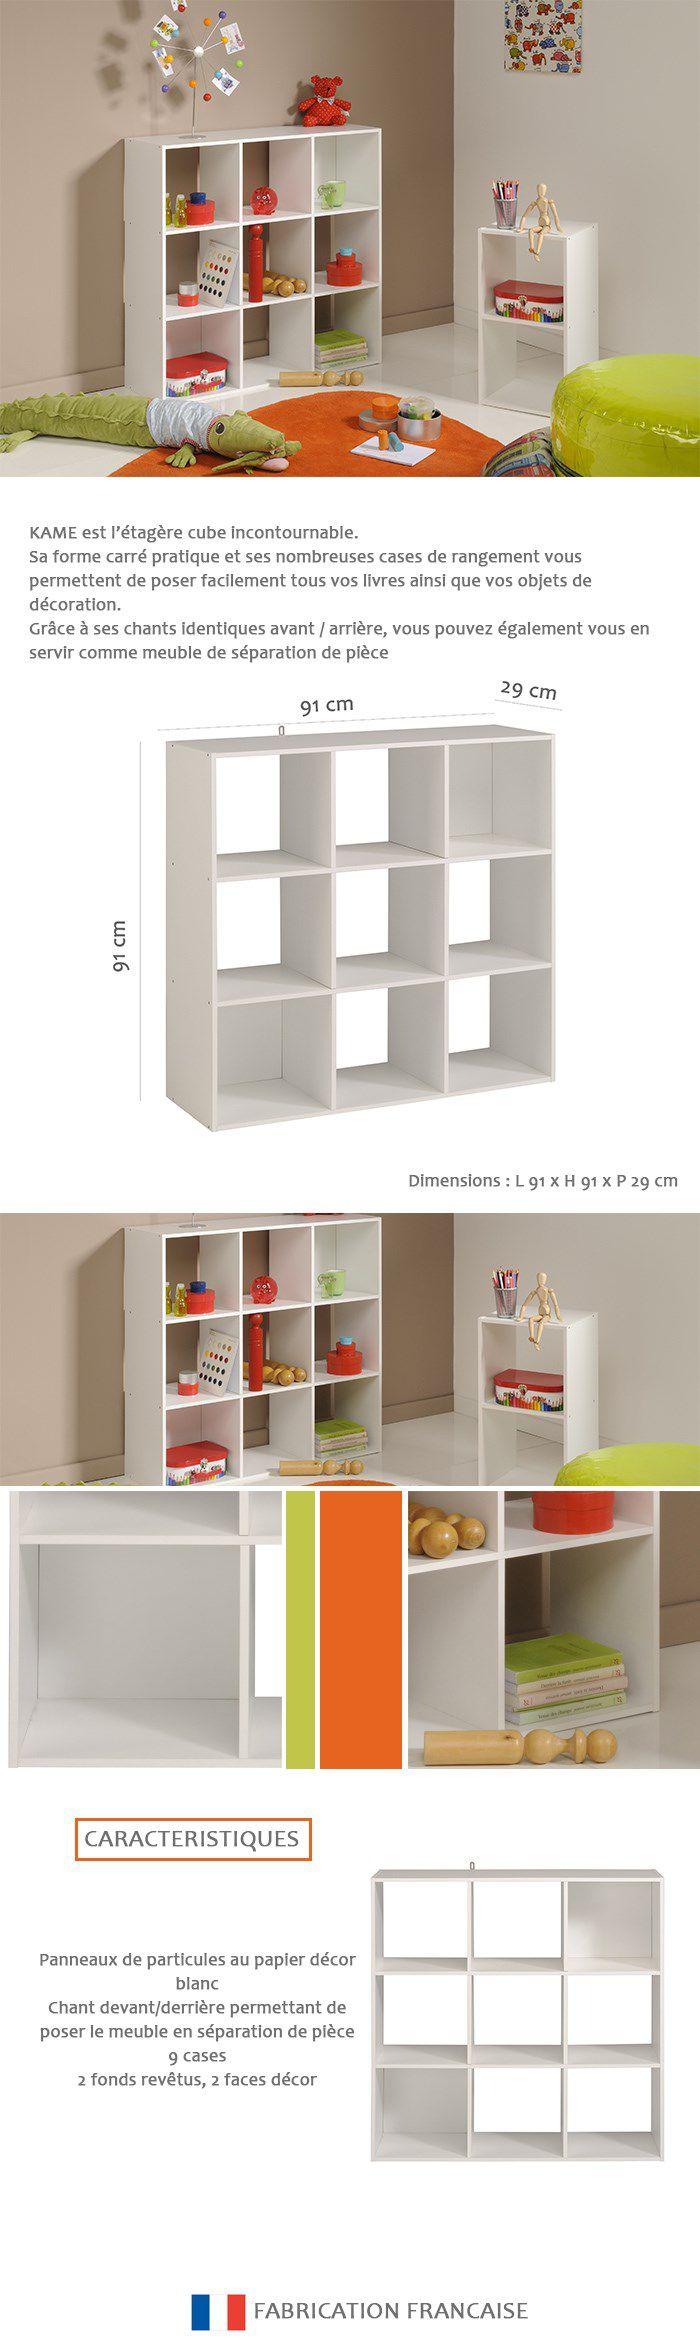 Petit Meuble De Separation kame Étagère meuble contemporain décor blanc mat - l 91 cm